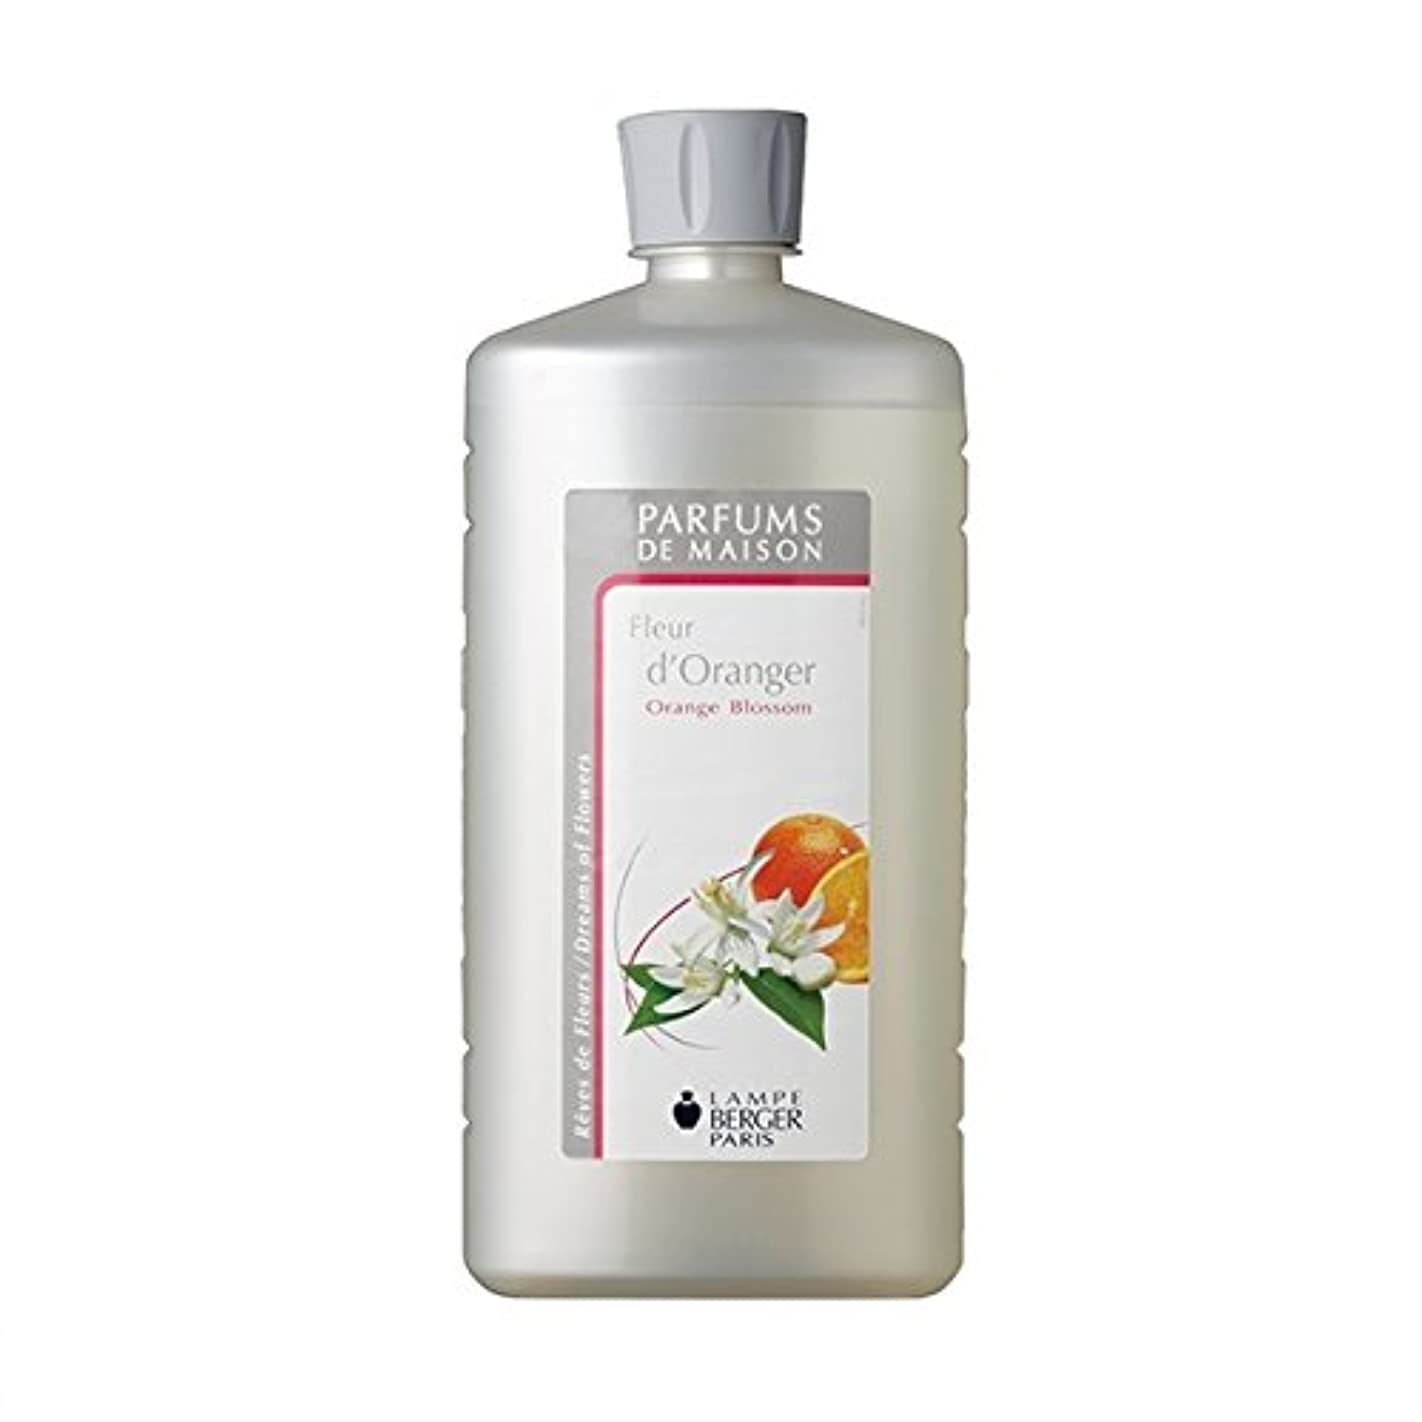 製品クリーム要件ランプベルジェオイル(オレンジブロッサム)Fleur d'oranger / Orange Blossom